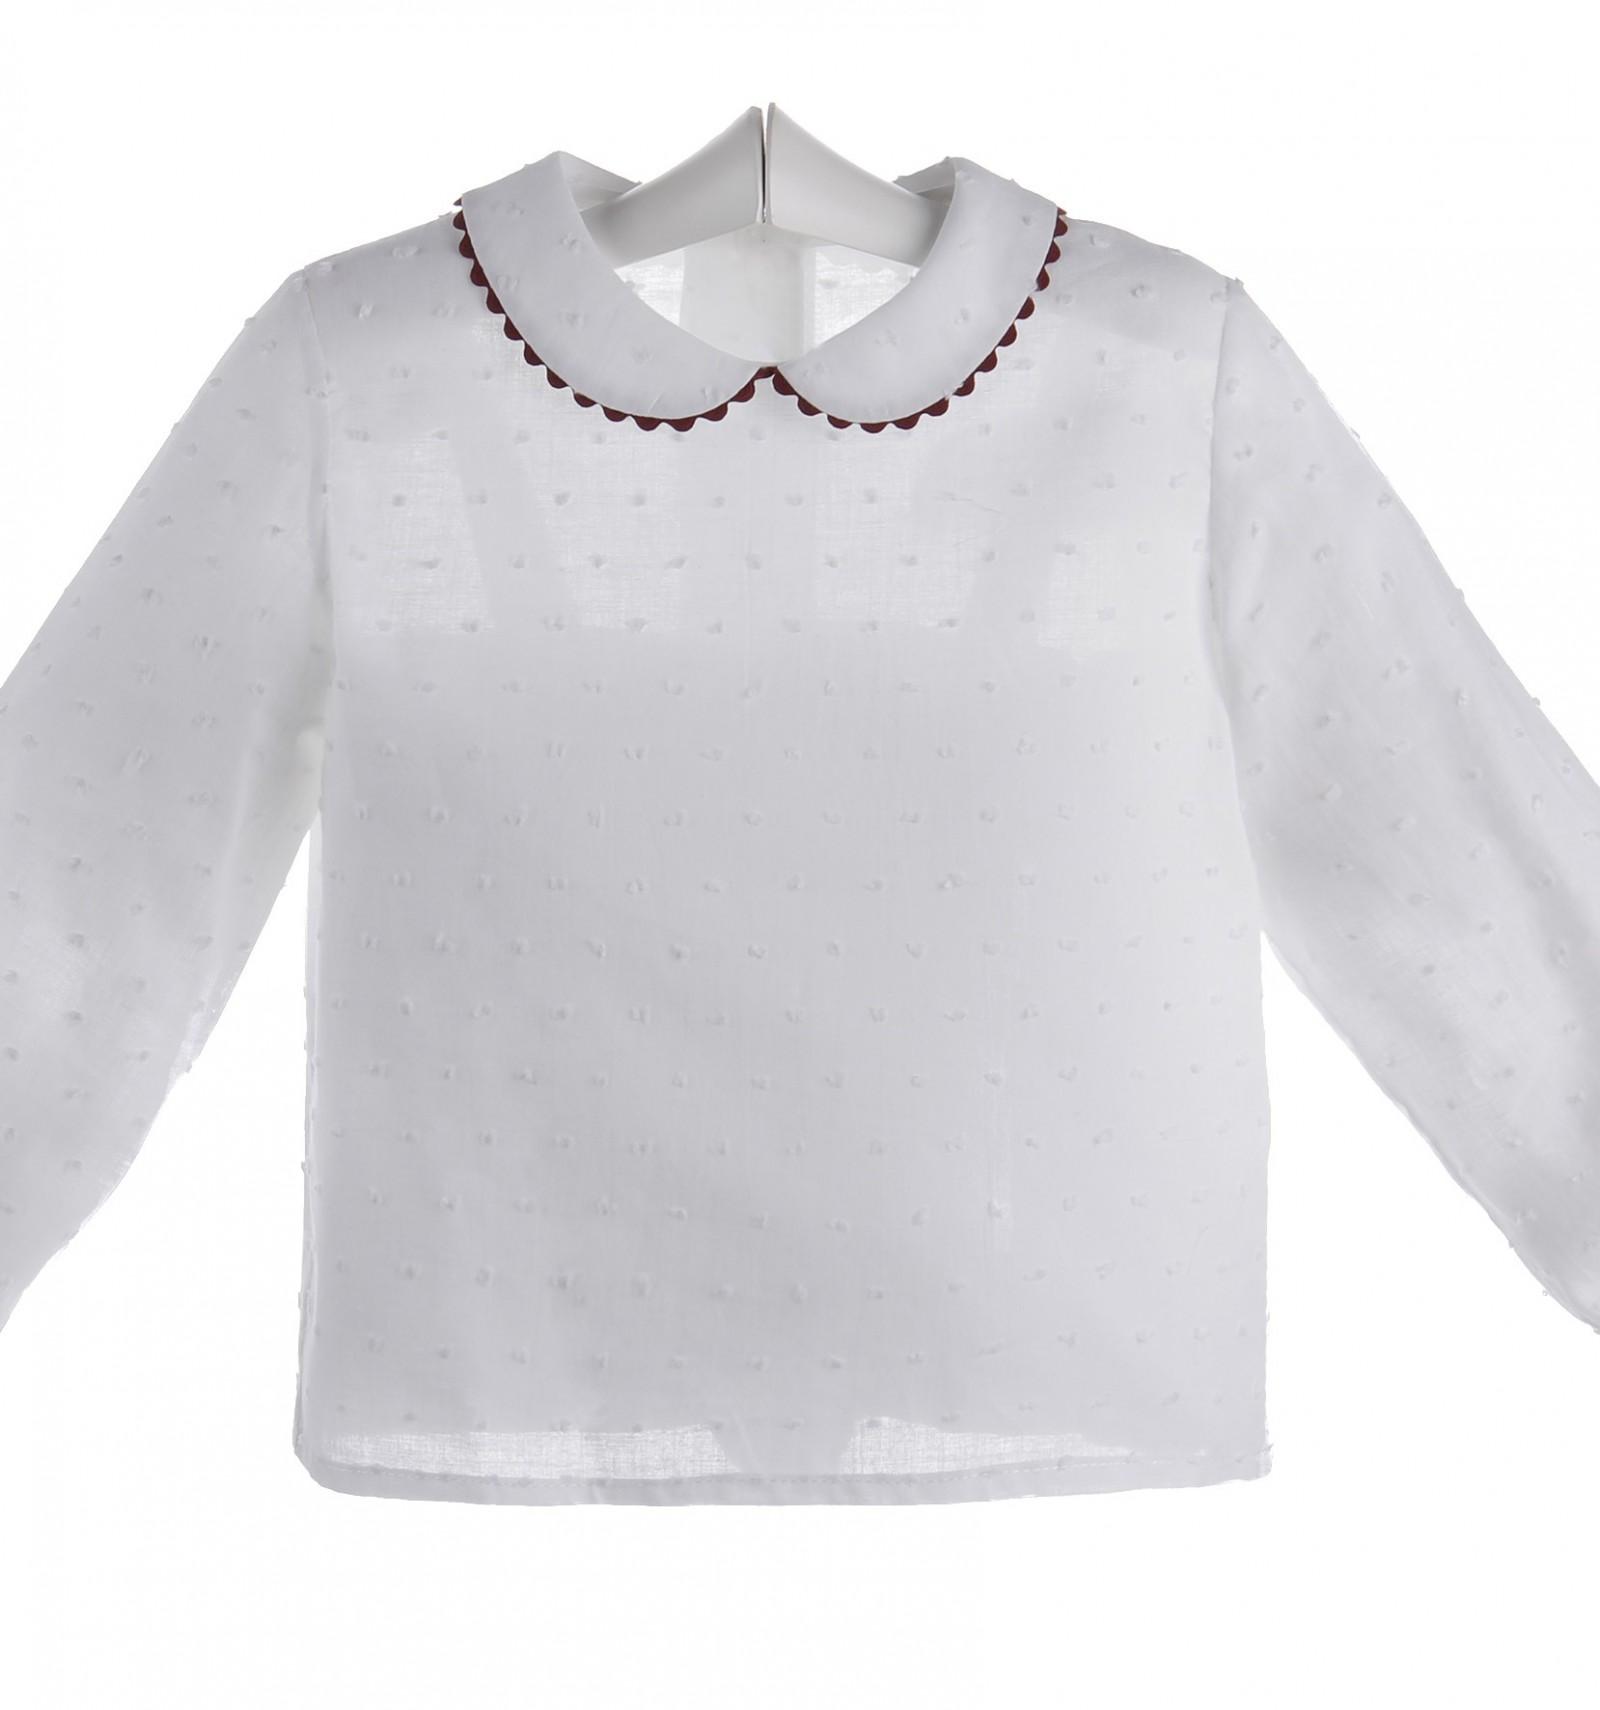 cc3d22f20 Camisa blanca de bebé de plumeti